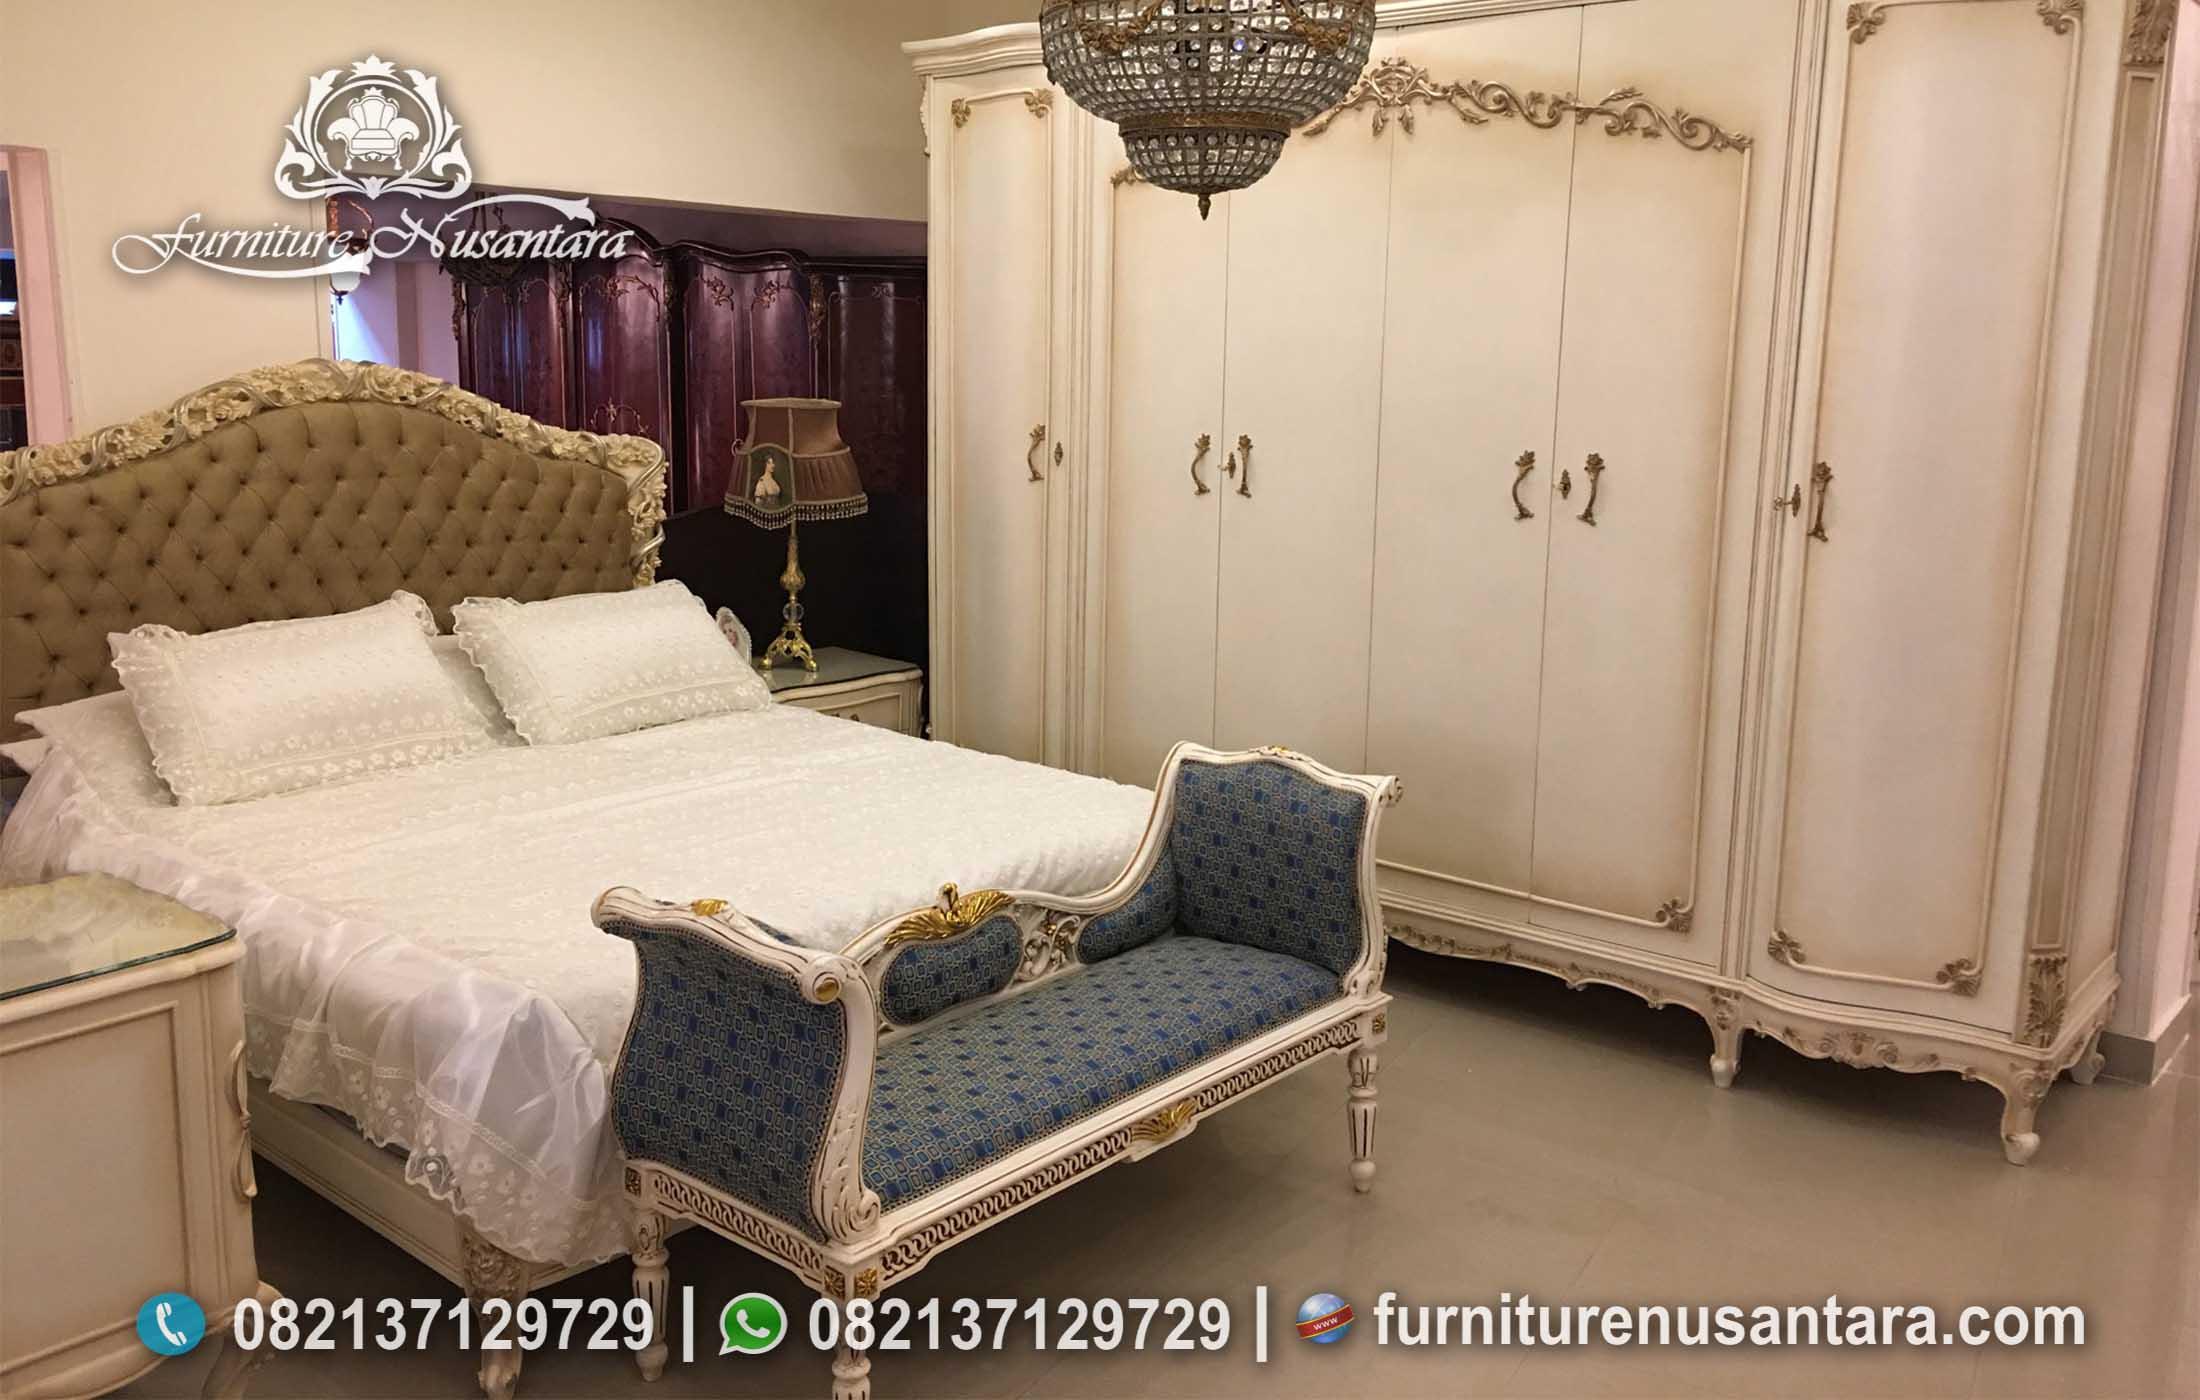 Jual Set Kamar Tidur Klasik Simple KS-231, Furniture Nusantara